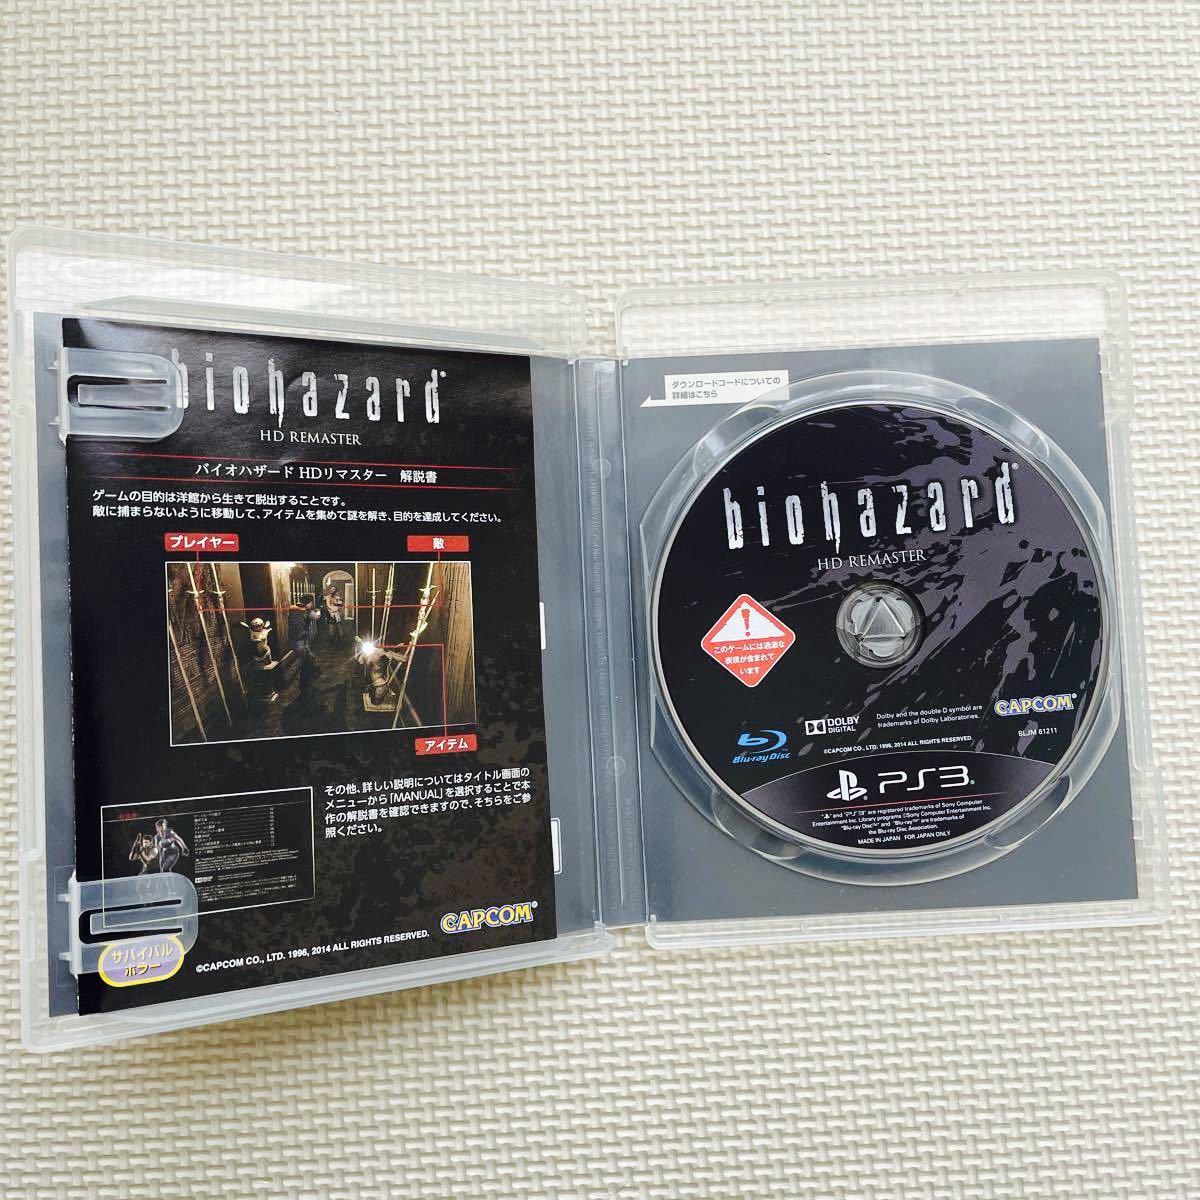 【PS3】龍が如く維新 バイオハザードHDリマスター 中古品